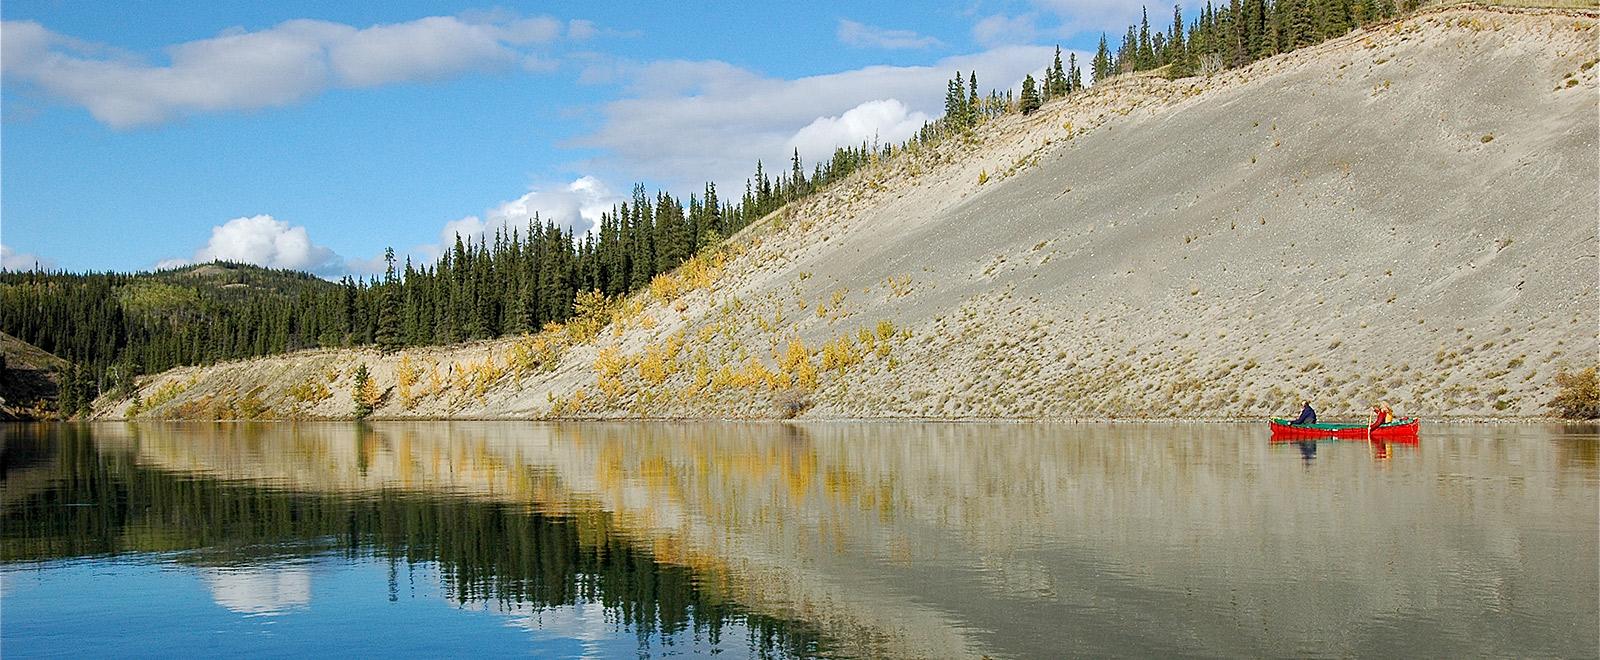 scenic canoeing